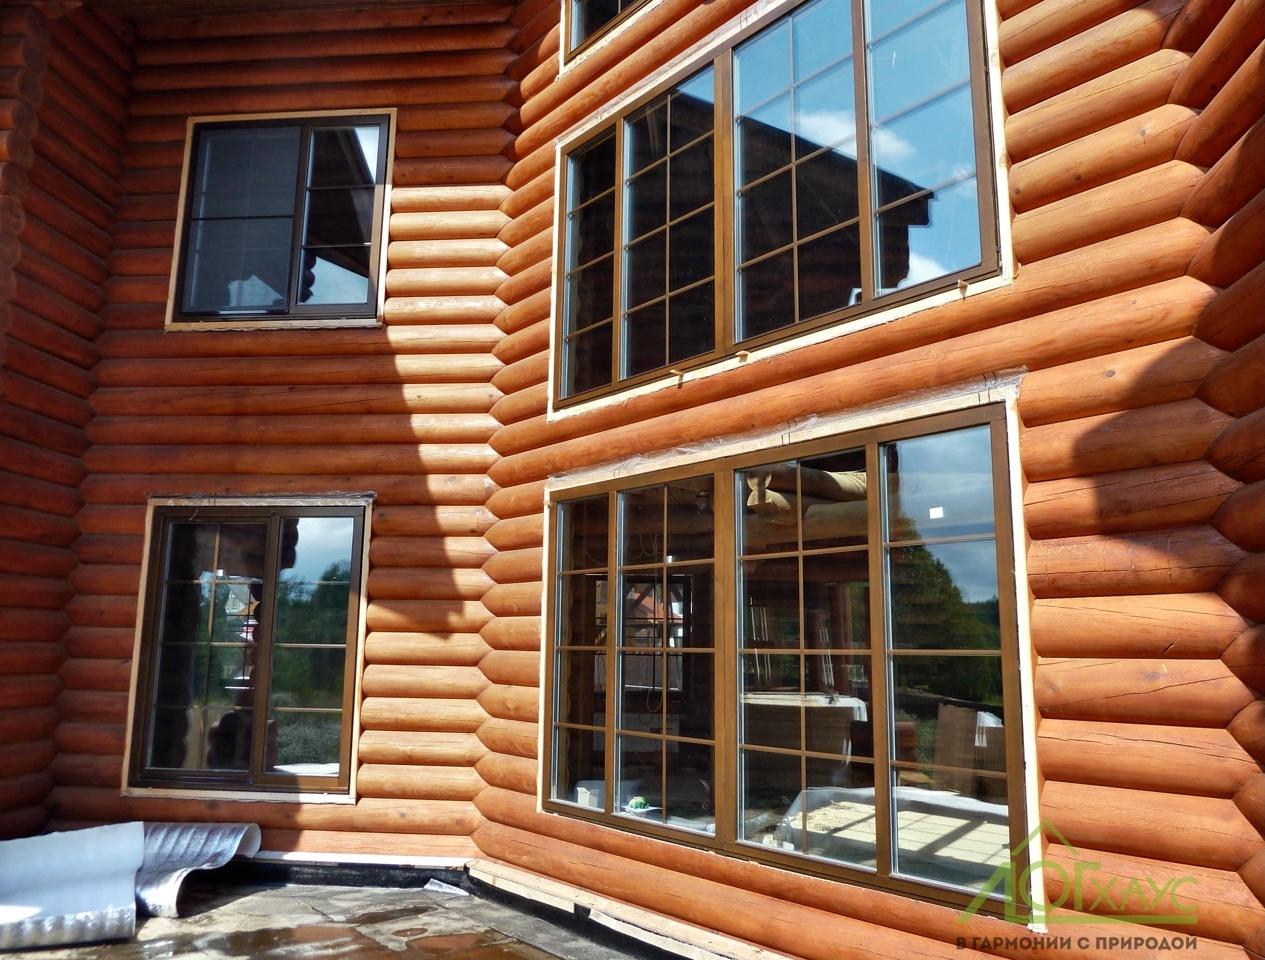 Установка деревянных окон в бревенчатый сруб